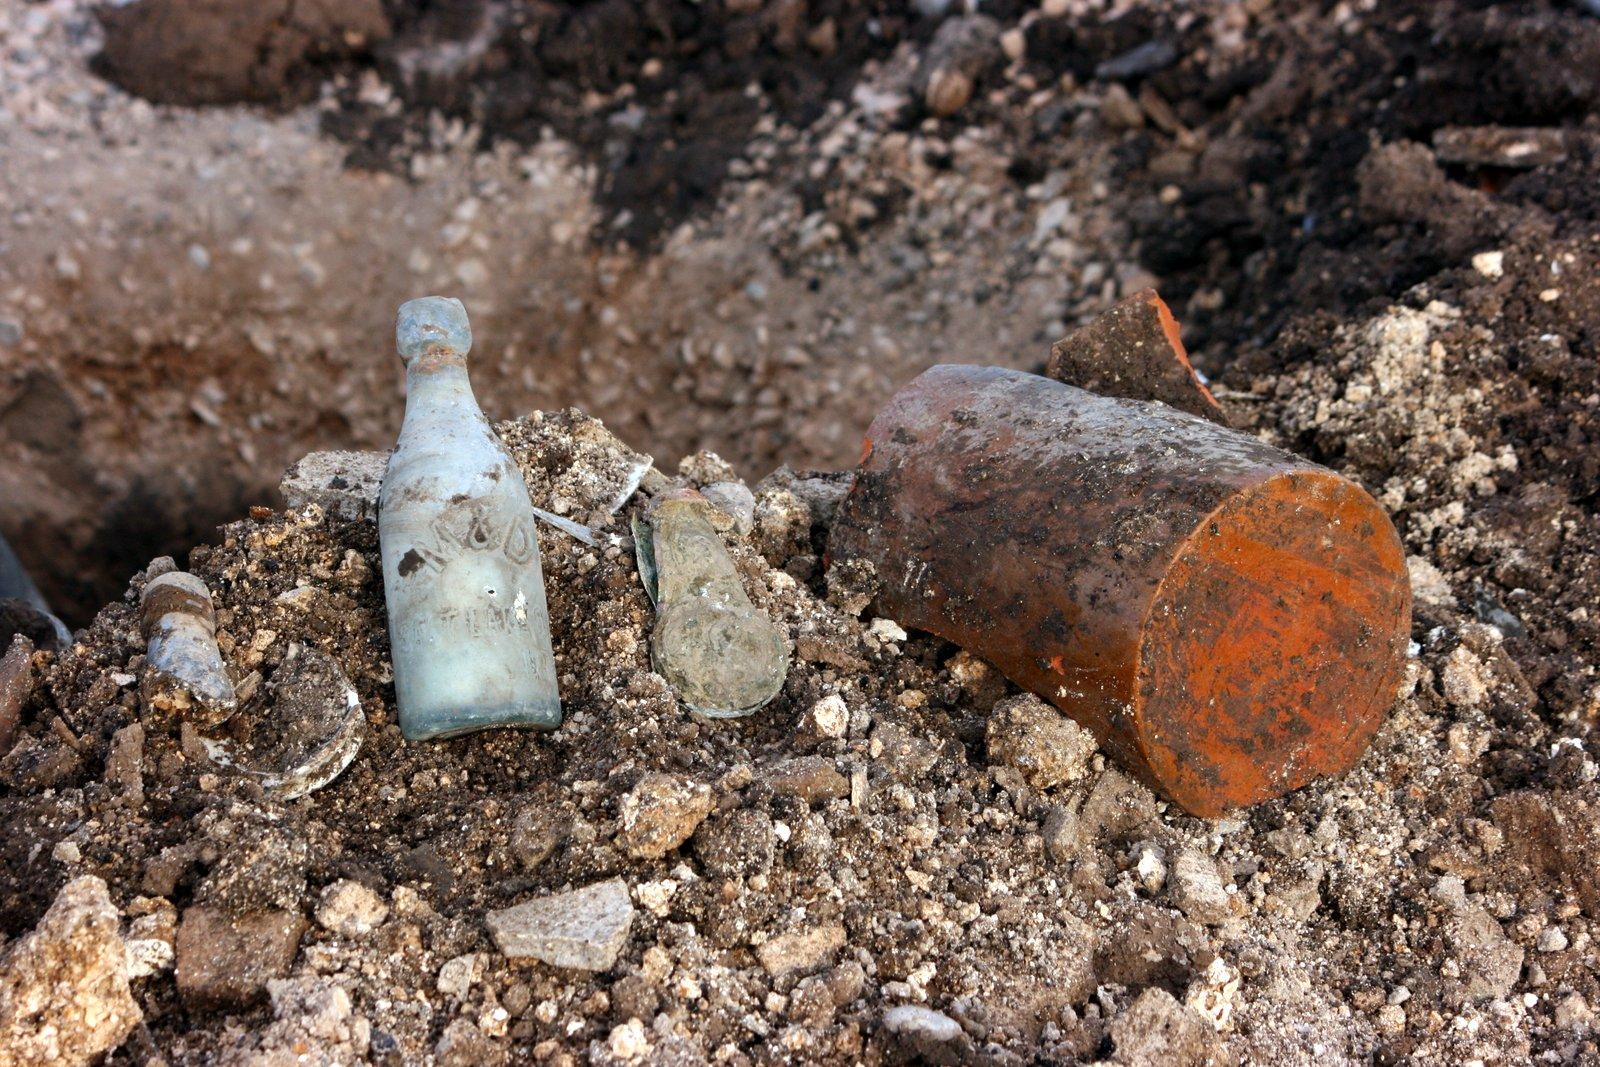 Digging Old Bottles 50